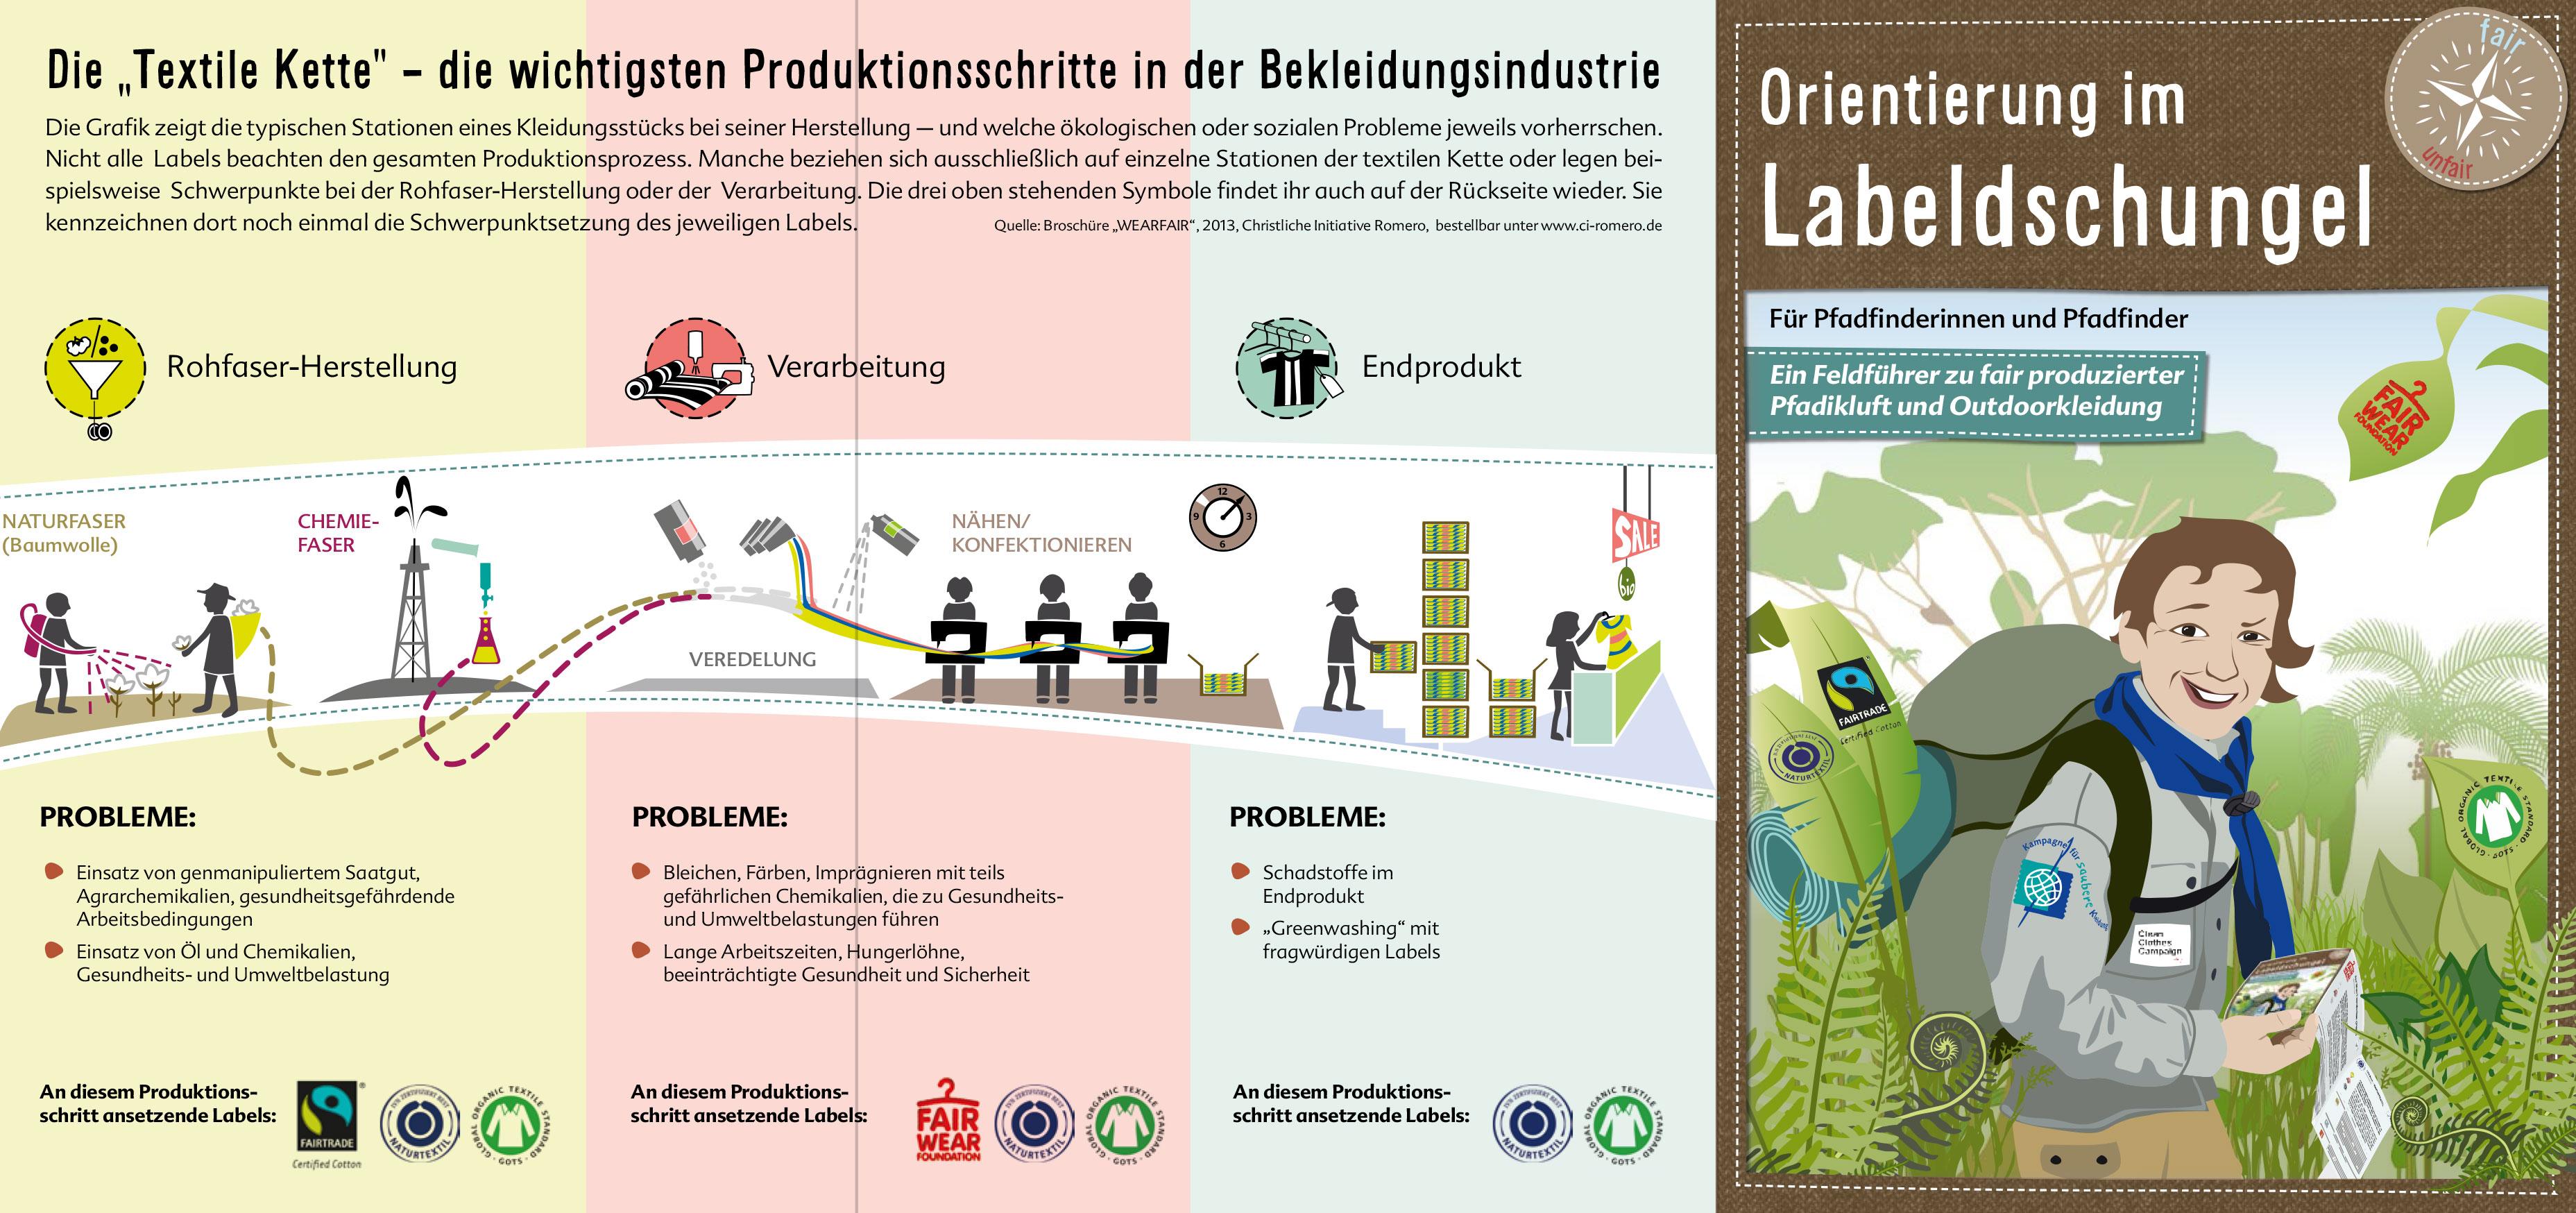 2014-10-13-Pfadfinder-Orientierung-im-Labeldschungel-1